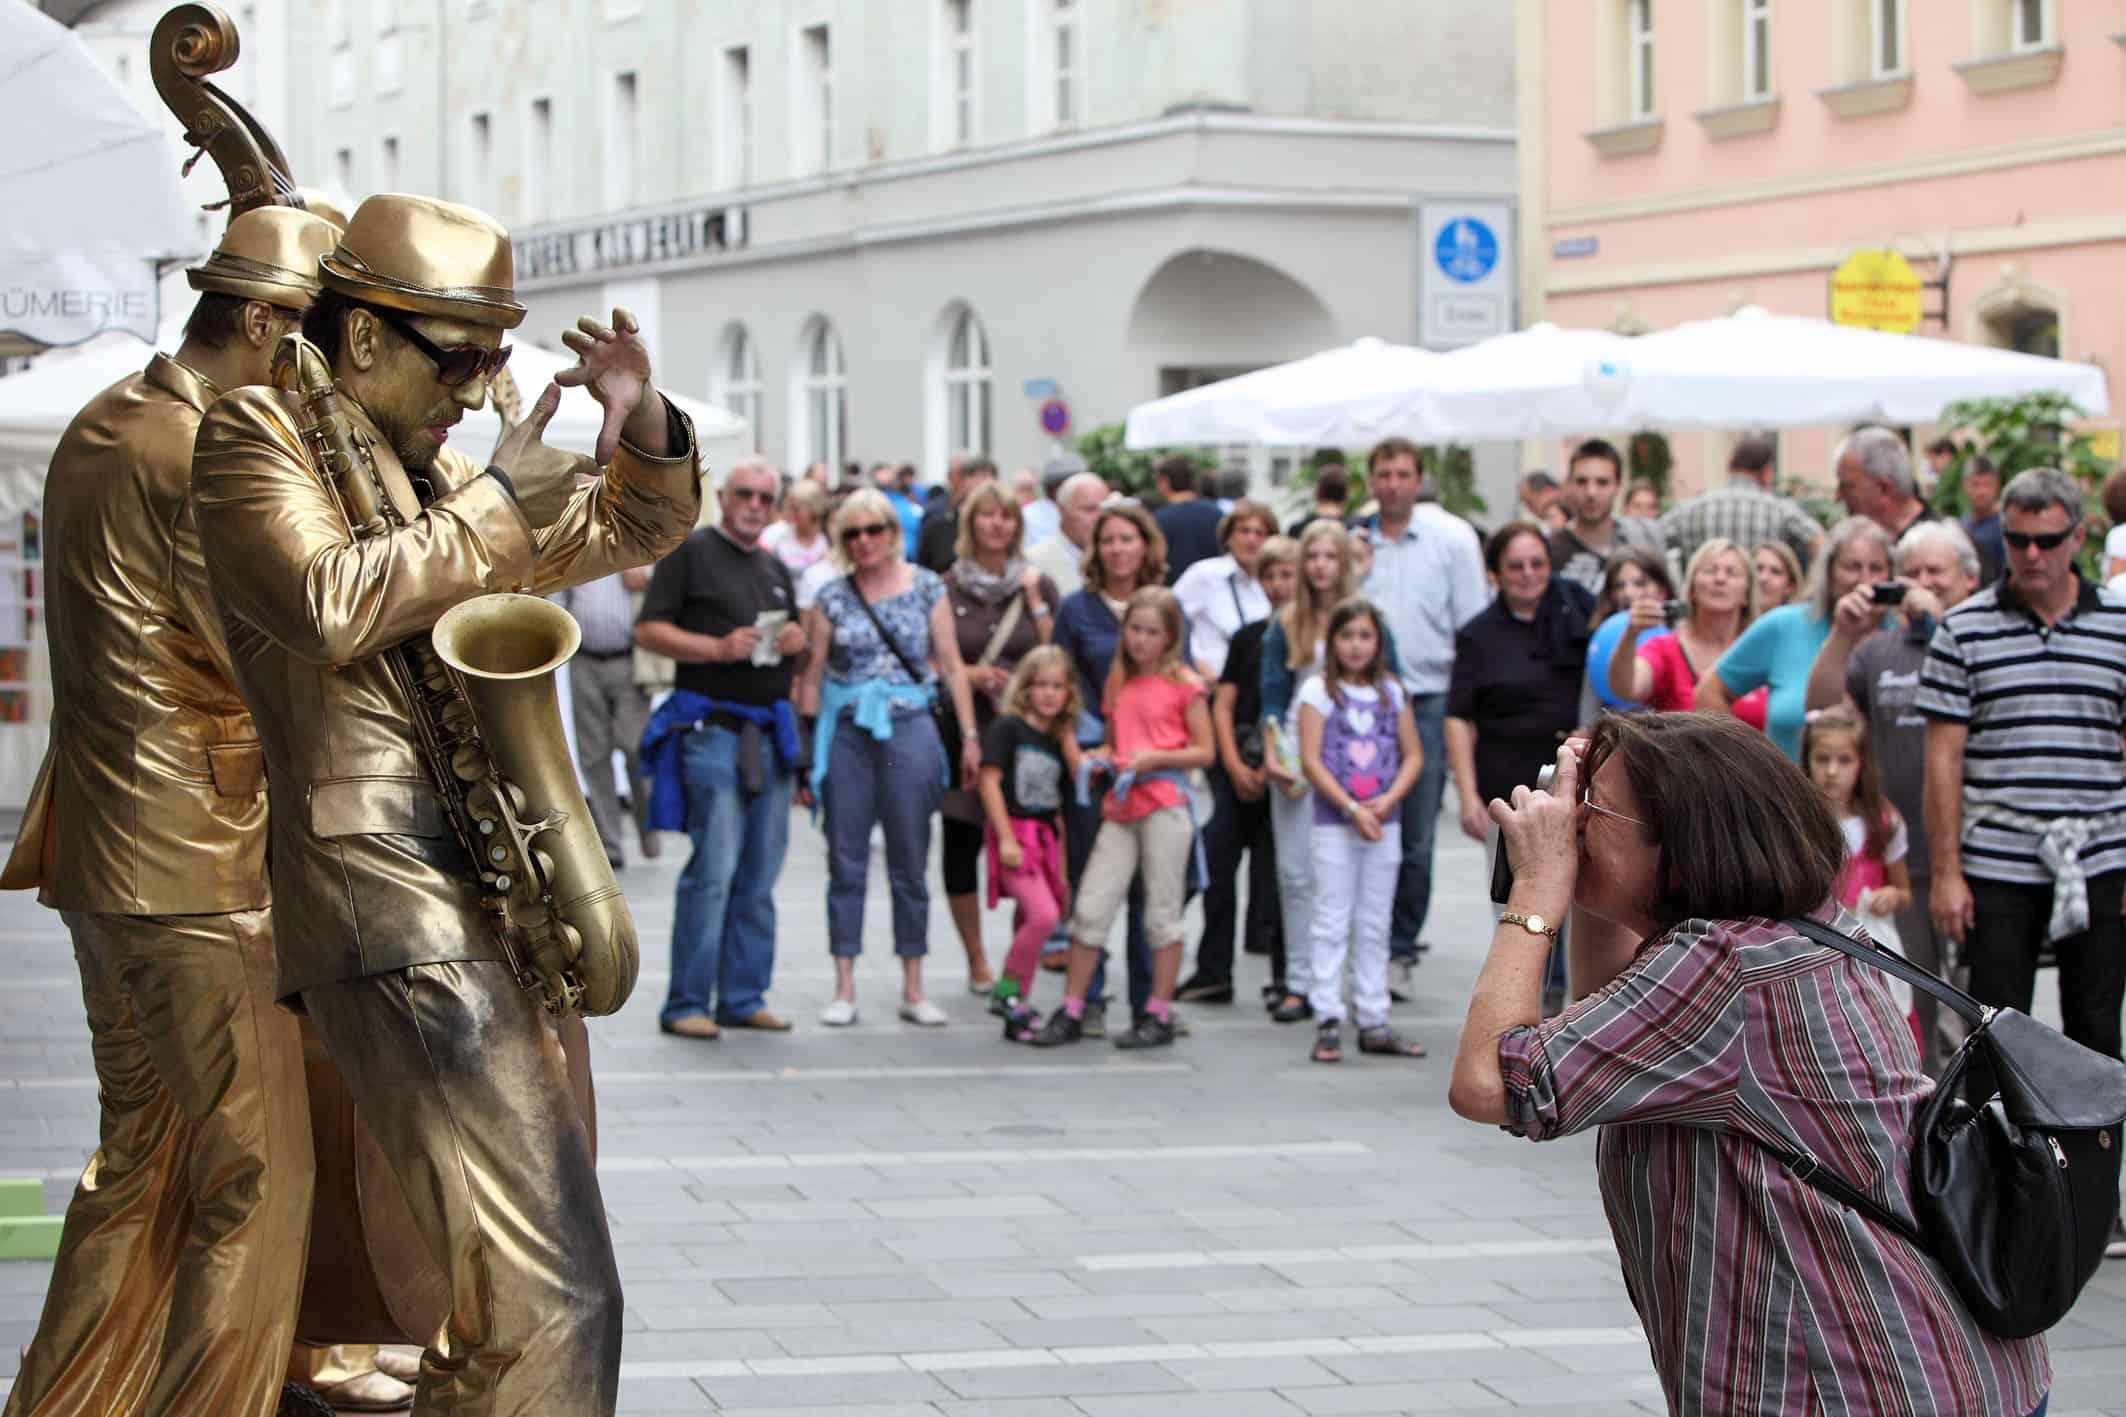 Blizz stellt für seine Leser ein Top-Programm für den Bürgerfest-Sonntag zusammen